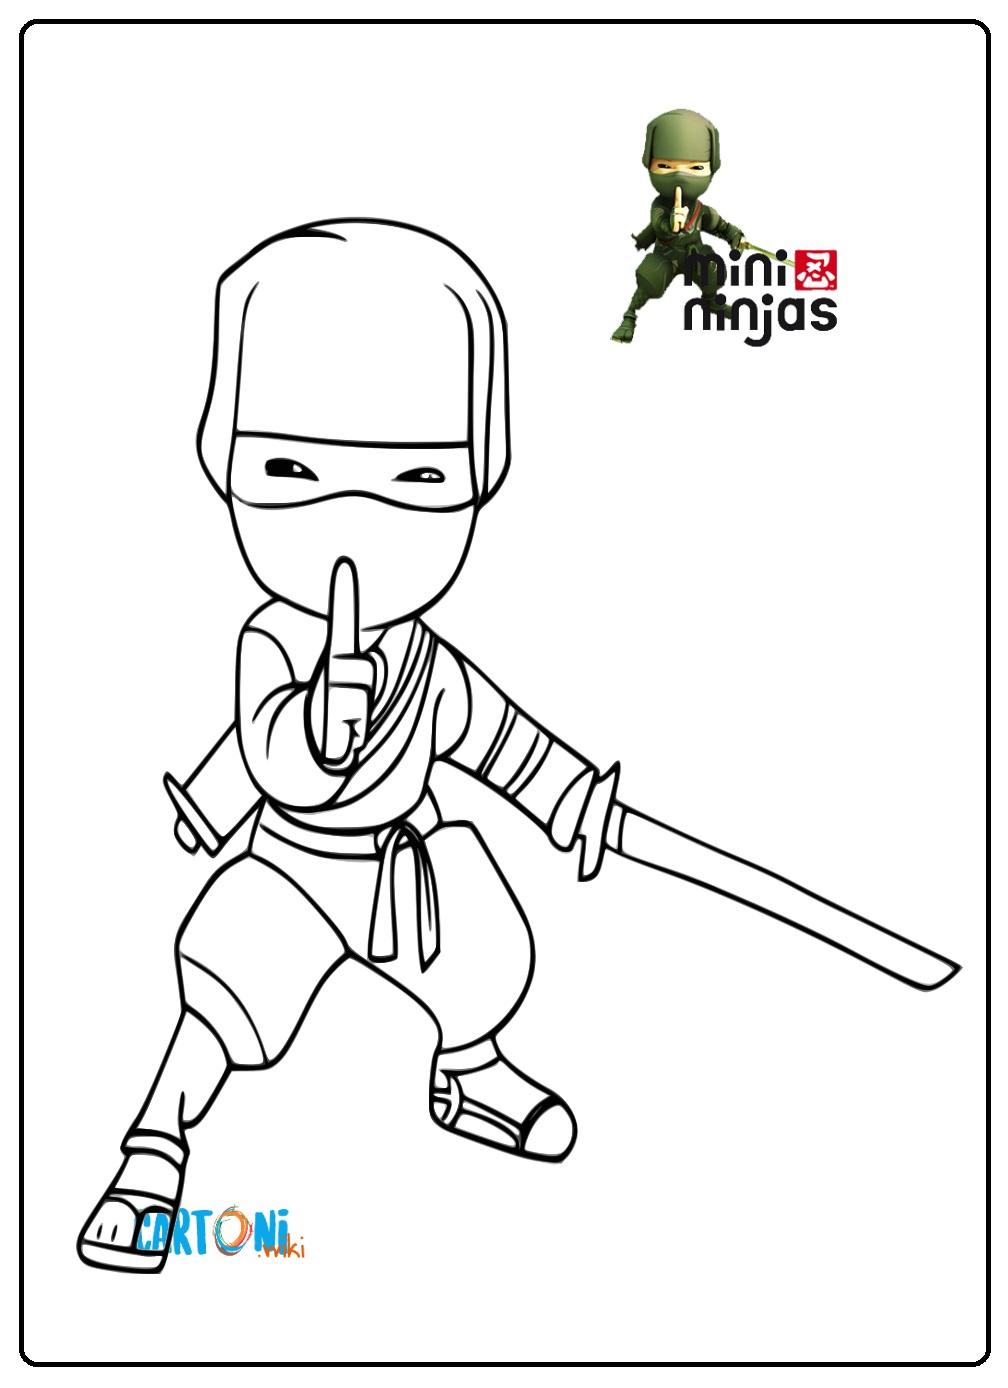 Disegno Mini Ninjas da stampare - Stampa e colora